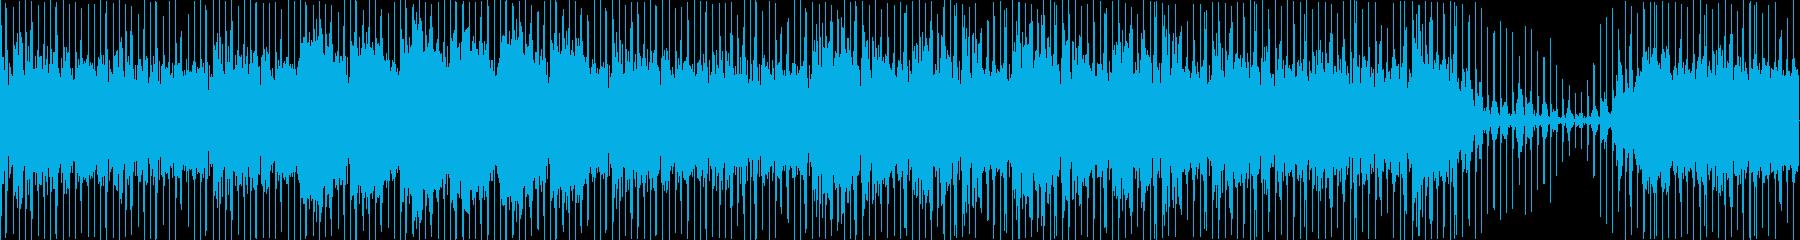 シンセサイザー夜のハイウェイクルージングの再生済みの波形